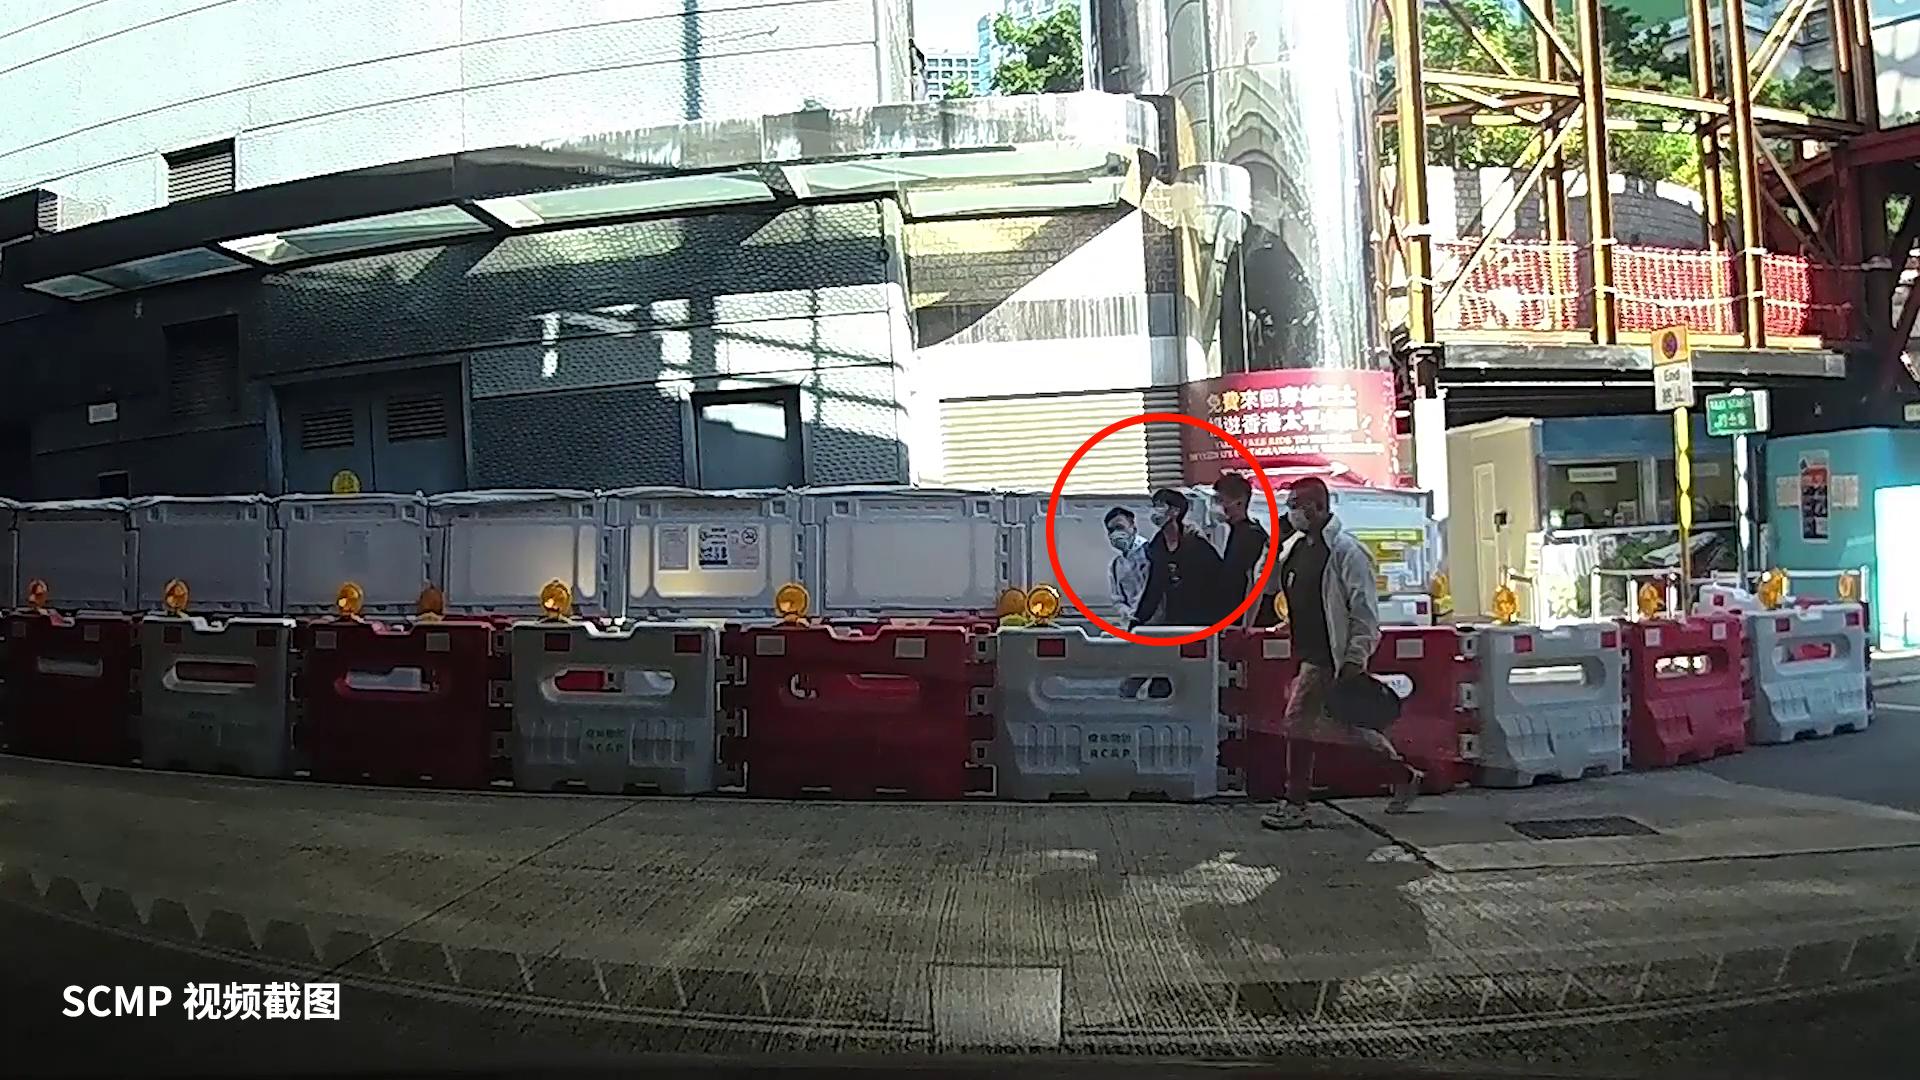 香港《南华早报》发布据说是钟翰林被捕一刻的视频